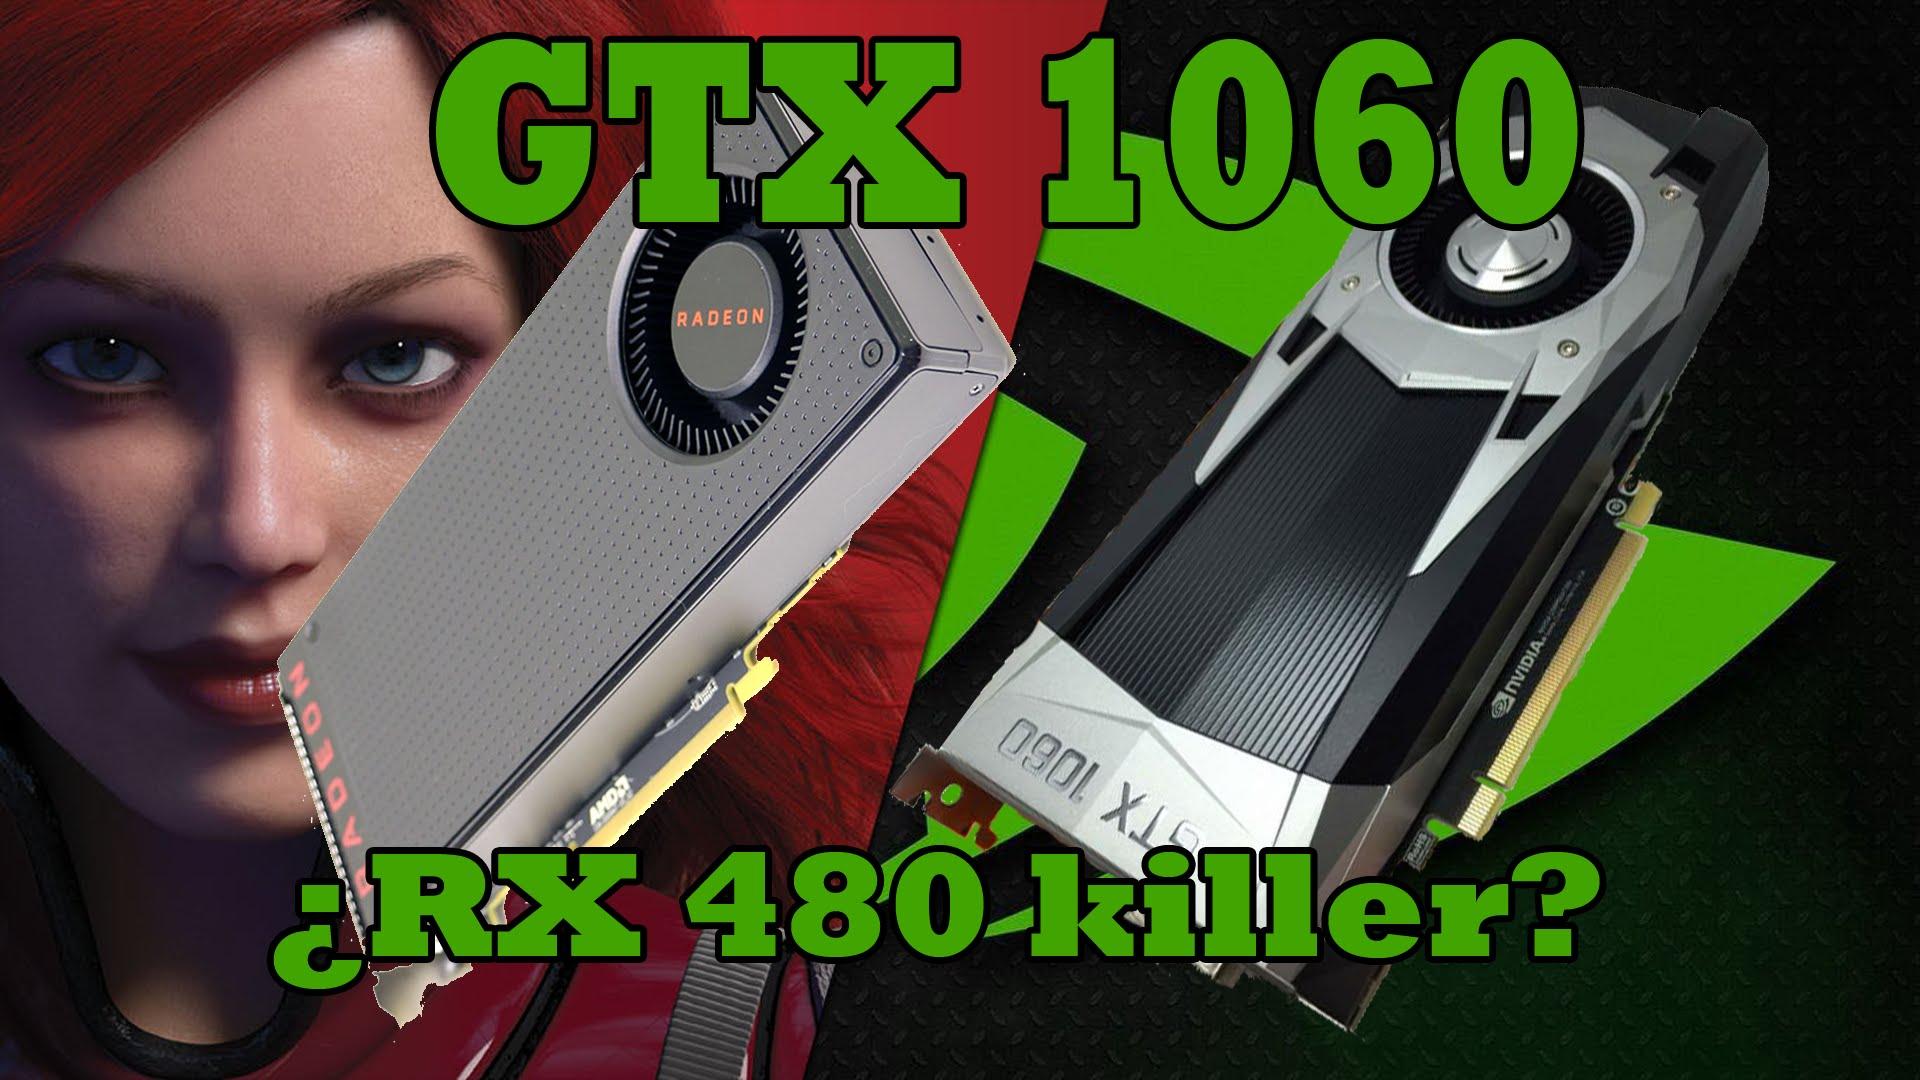 GTX 1060 vs RX 480 ¿Quien ganará?